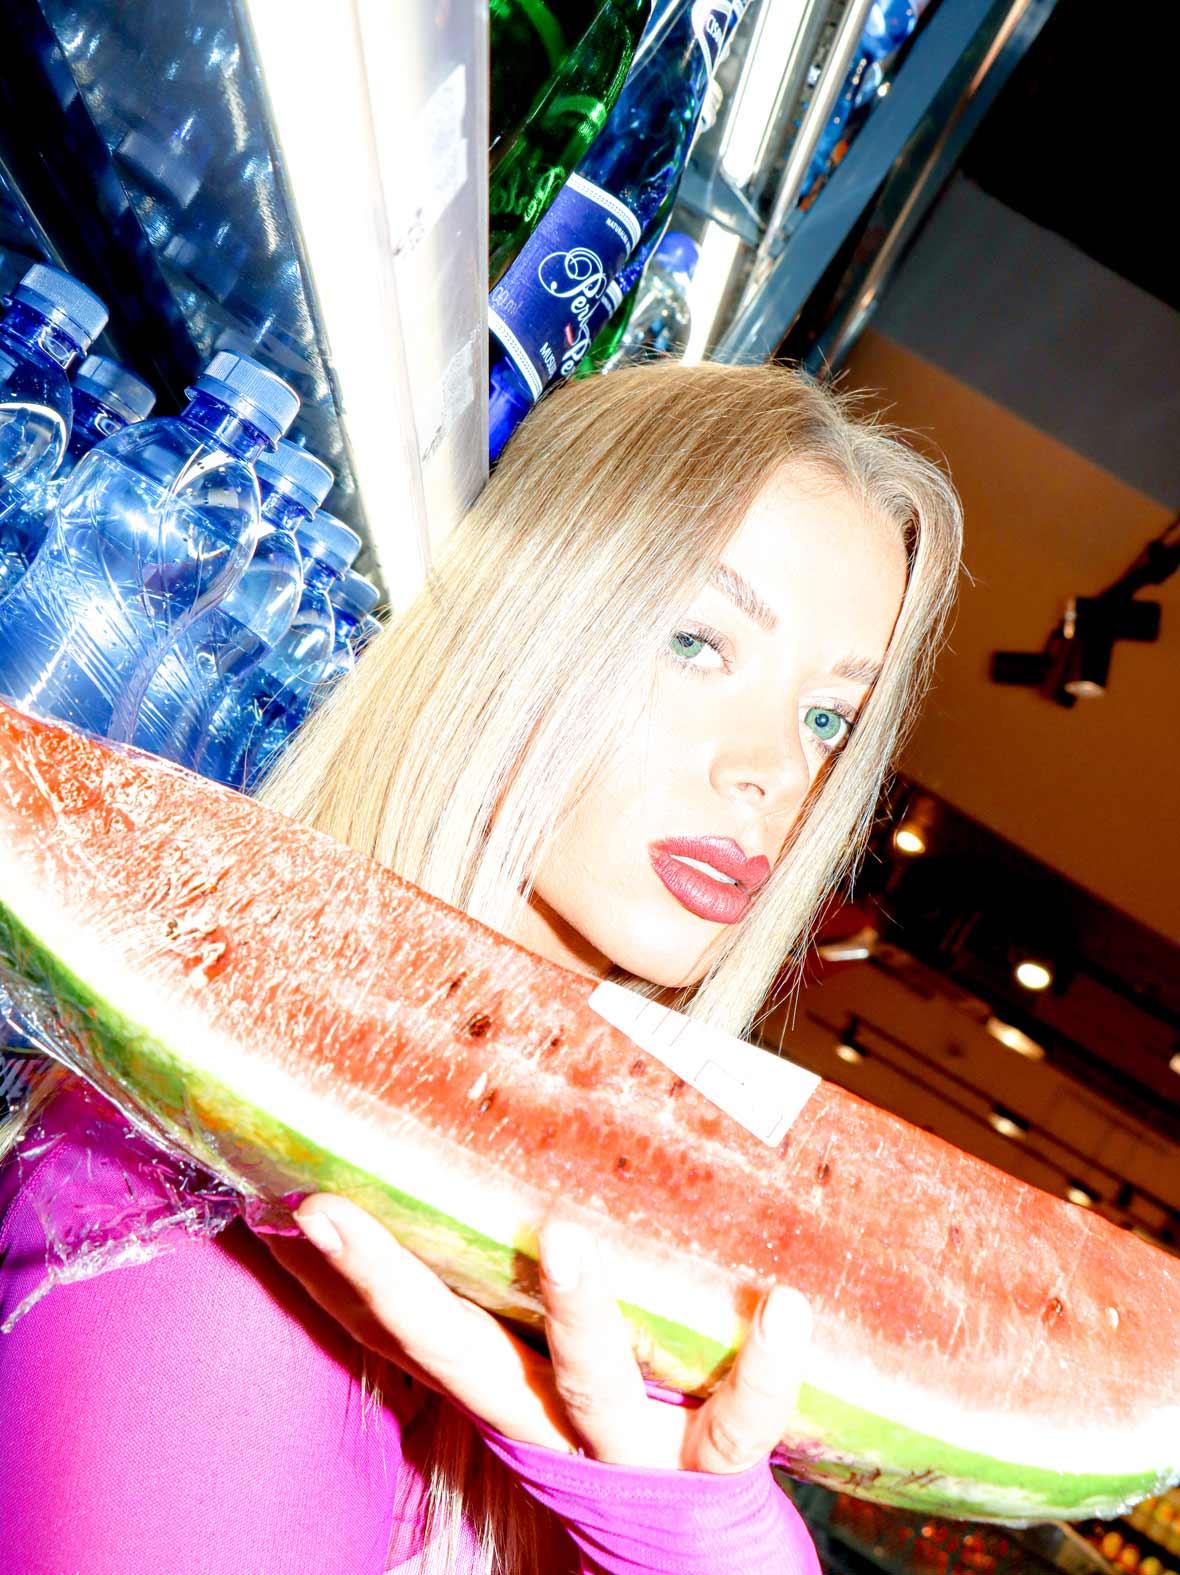 DJ SONYA Truszkowska juicy watermelon photoshoot by Fael Portrait